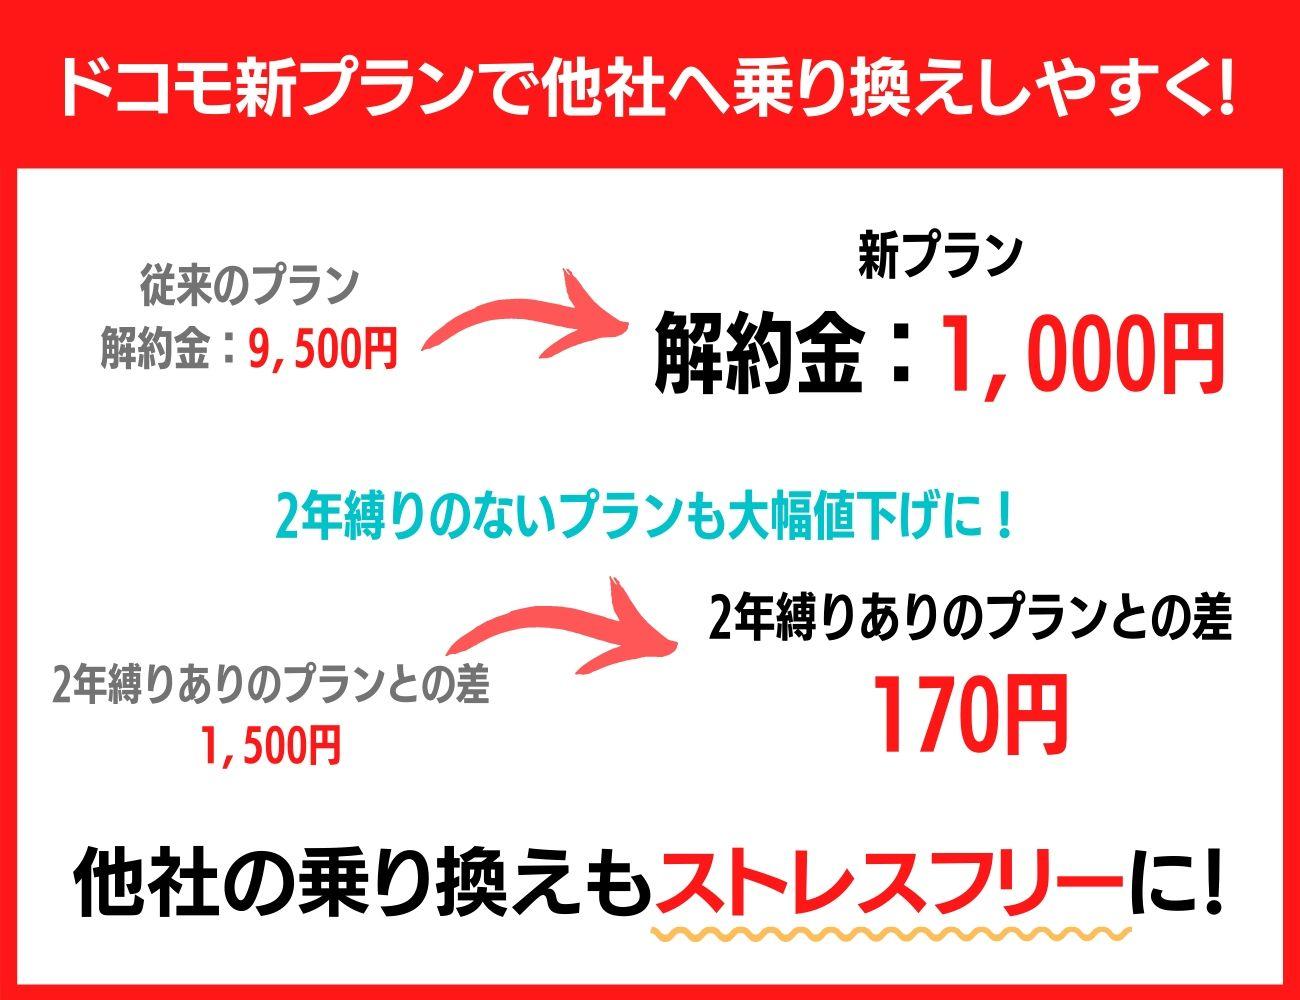 ドコモ新プランから解約金、違約金が最大1,000円に!